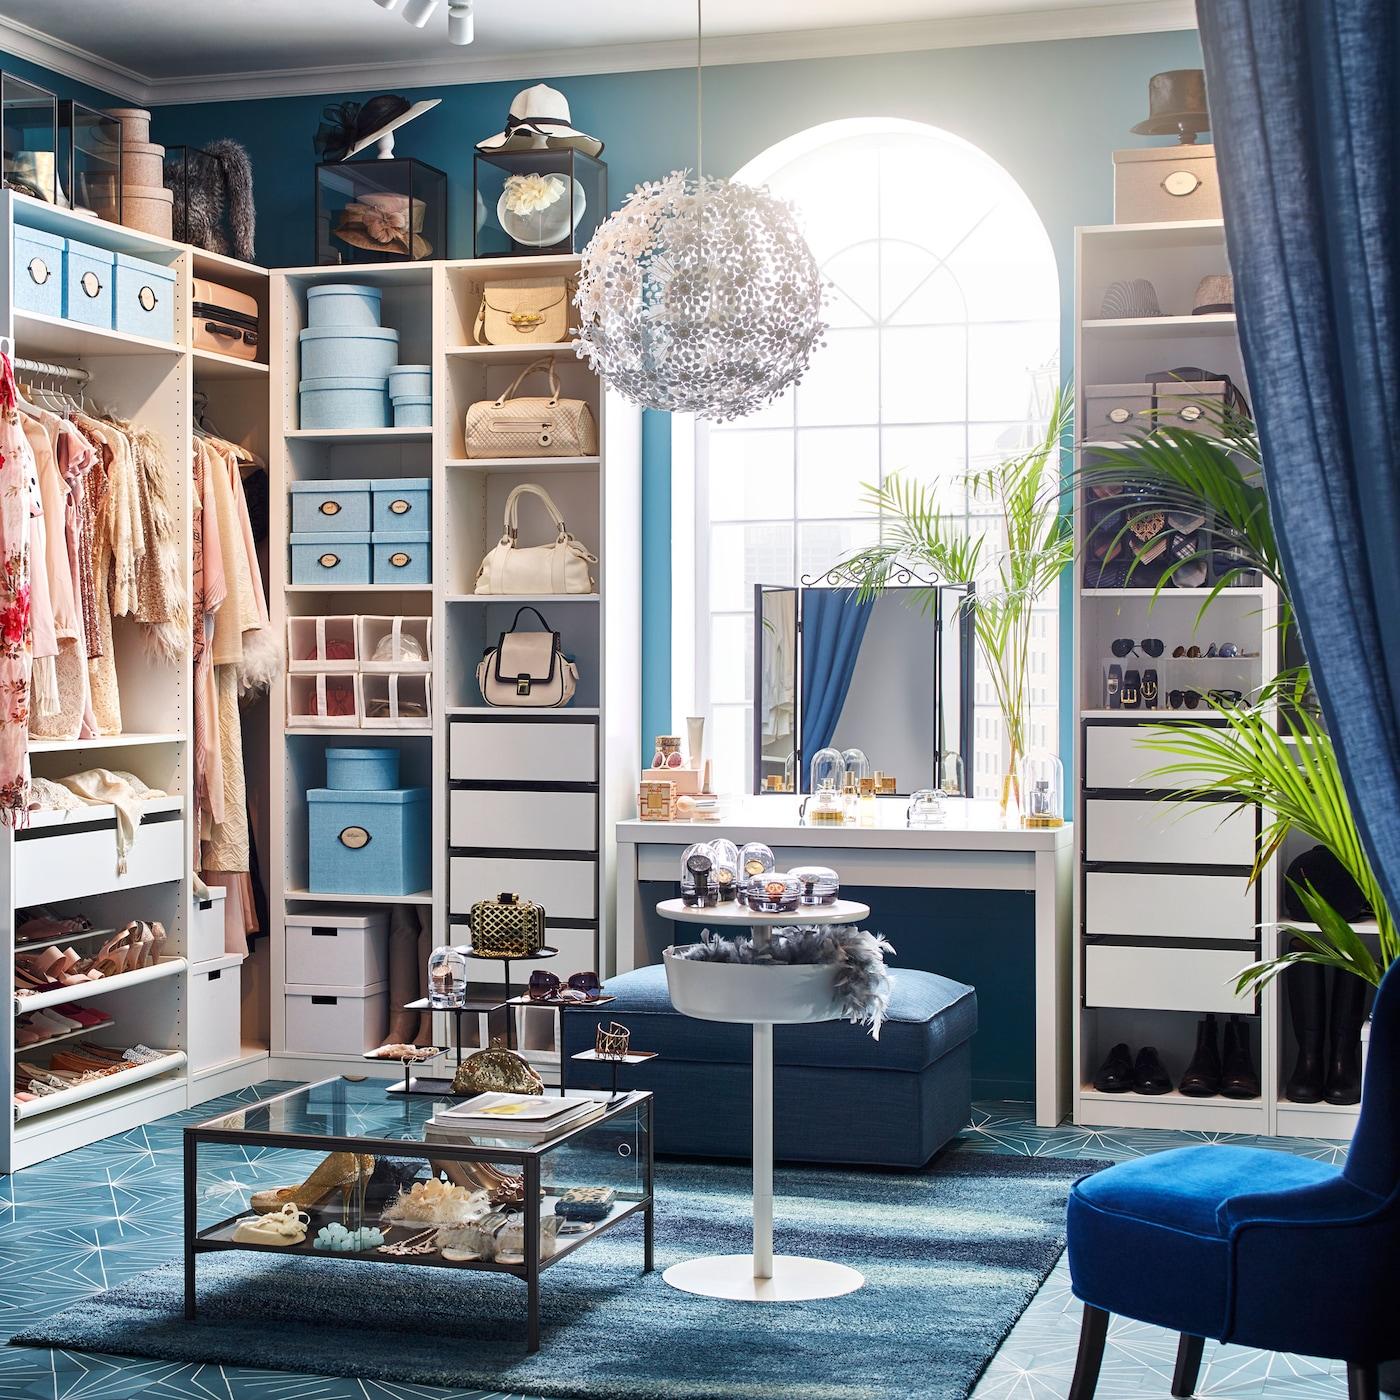 O closet está decorado com roupeiros da gama PAX, em branco, e em tonalidades escuras como o azul do repousa-pés KIVIK e o azul esverdeado da poltrona REMSTA.